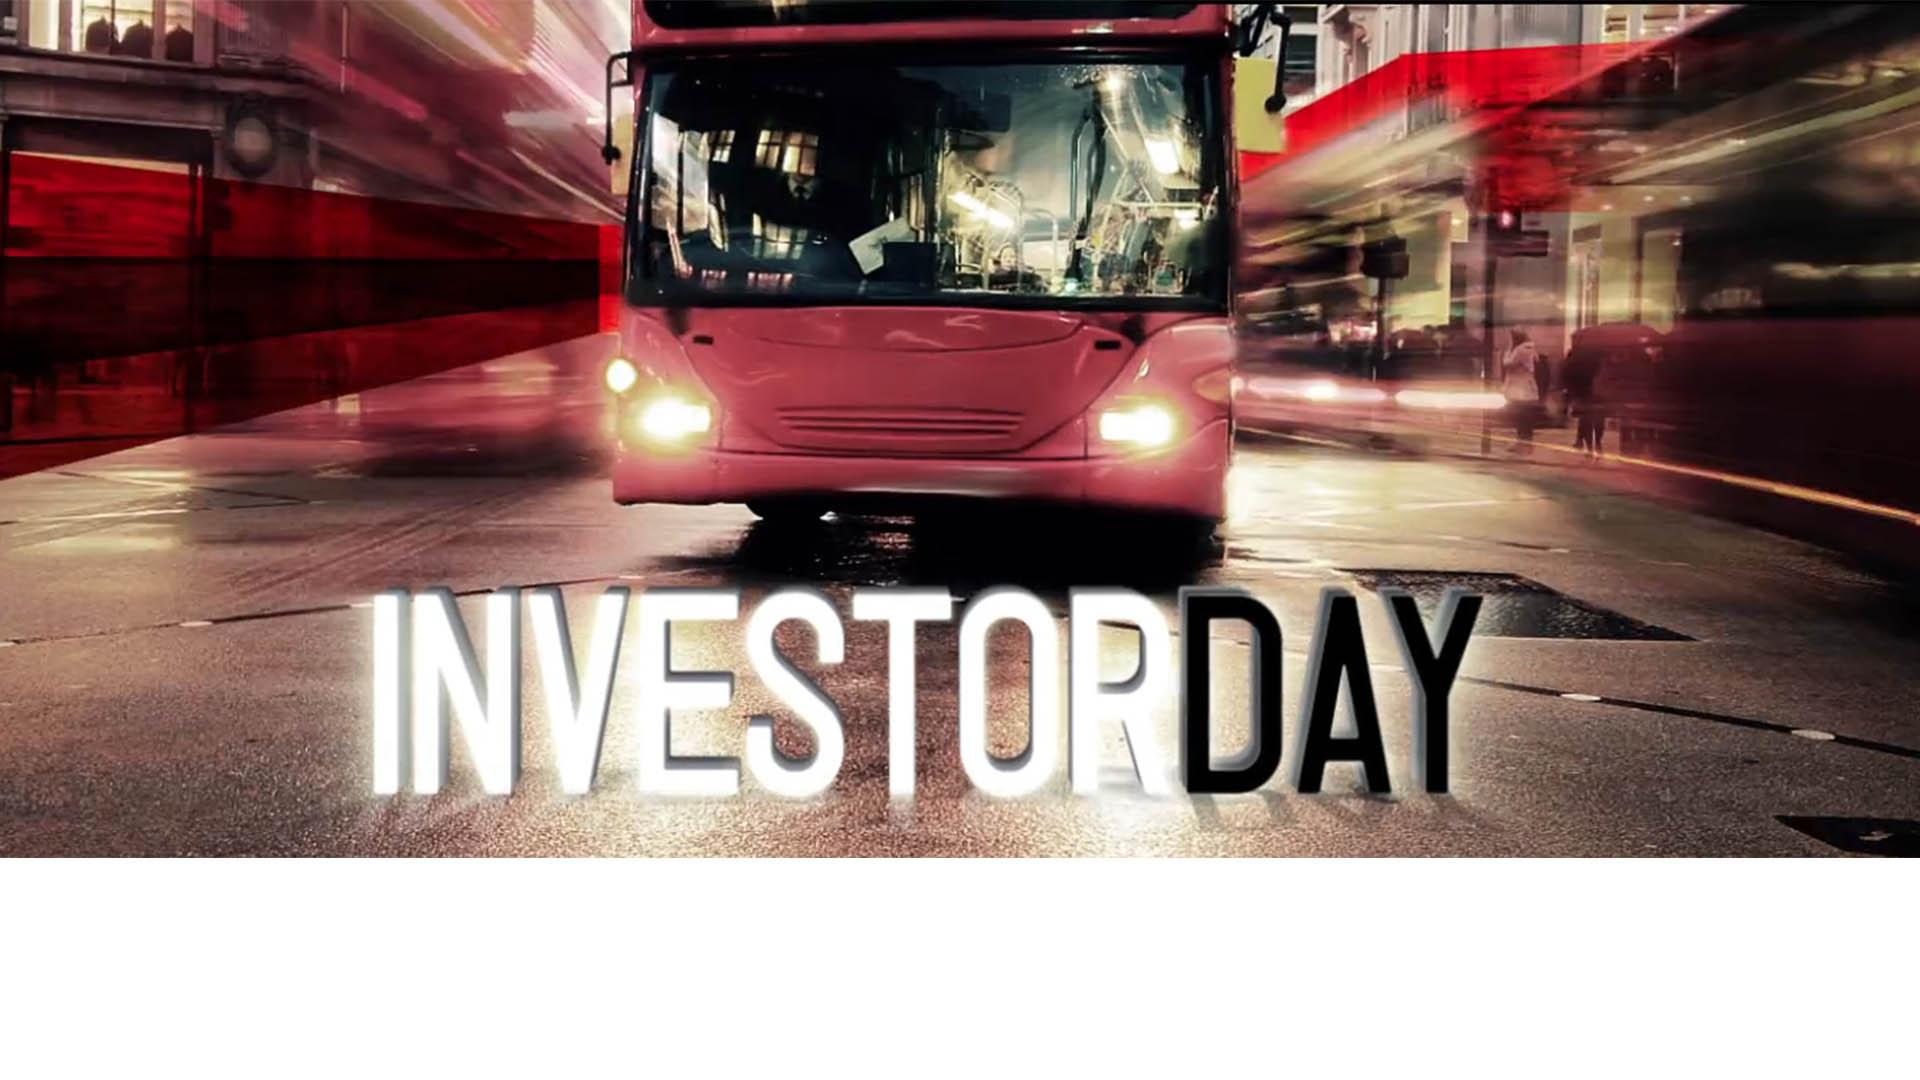 Investor Day